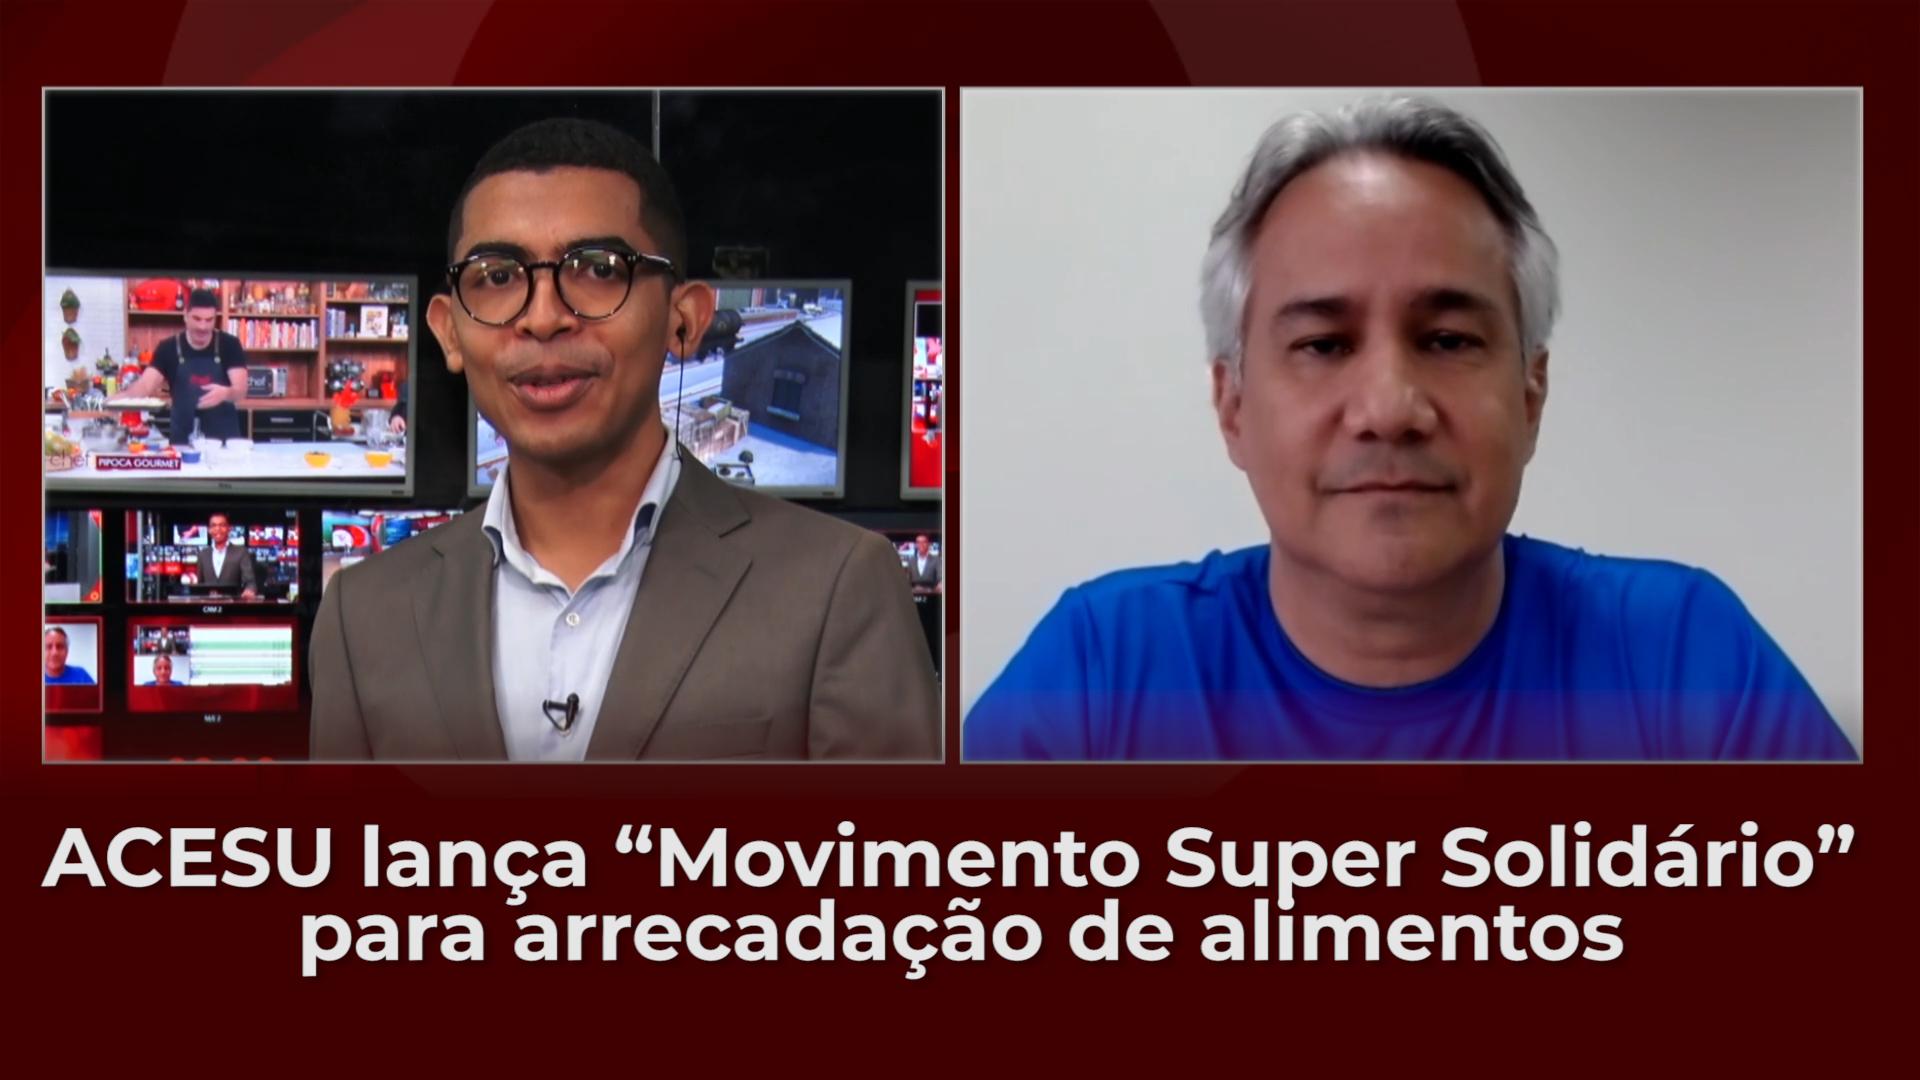 """Associação Cearense de Supermercados lança """"Movimento Super Solidário"""" para arrecadação de alimentos"""